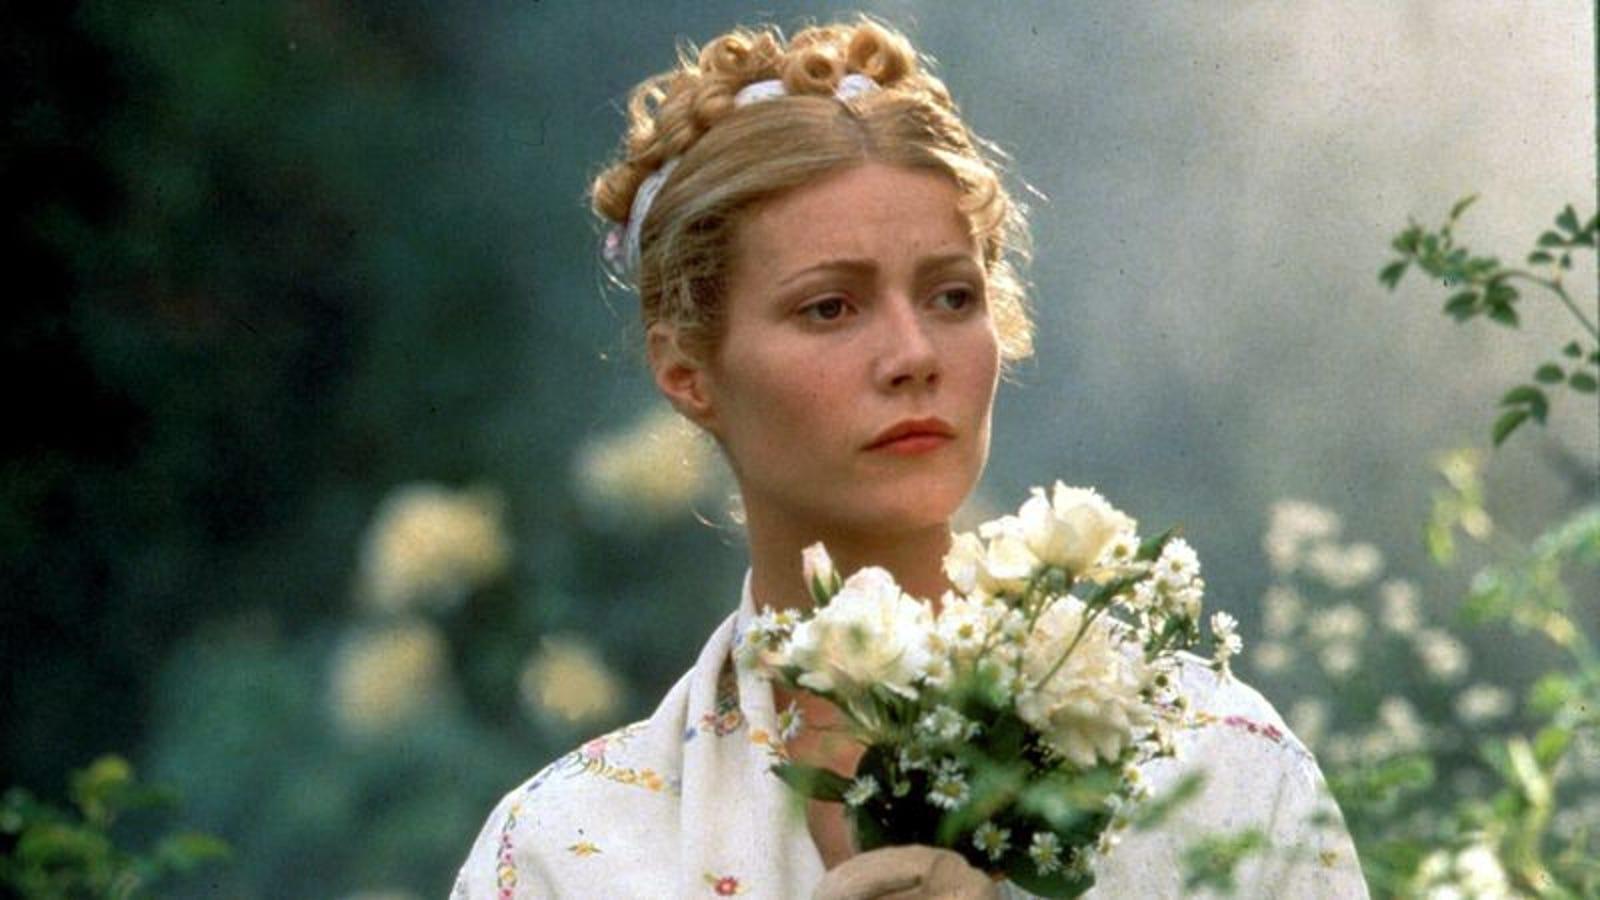 gwyneth paltrow emma 1996 cry ile ilgili görsel sonucu